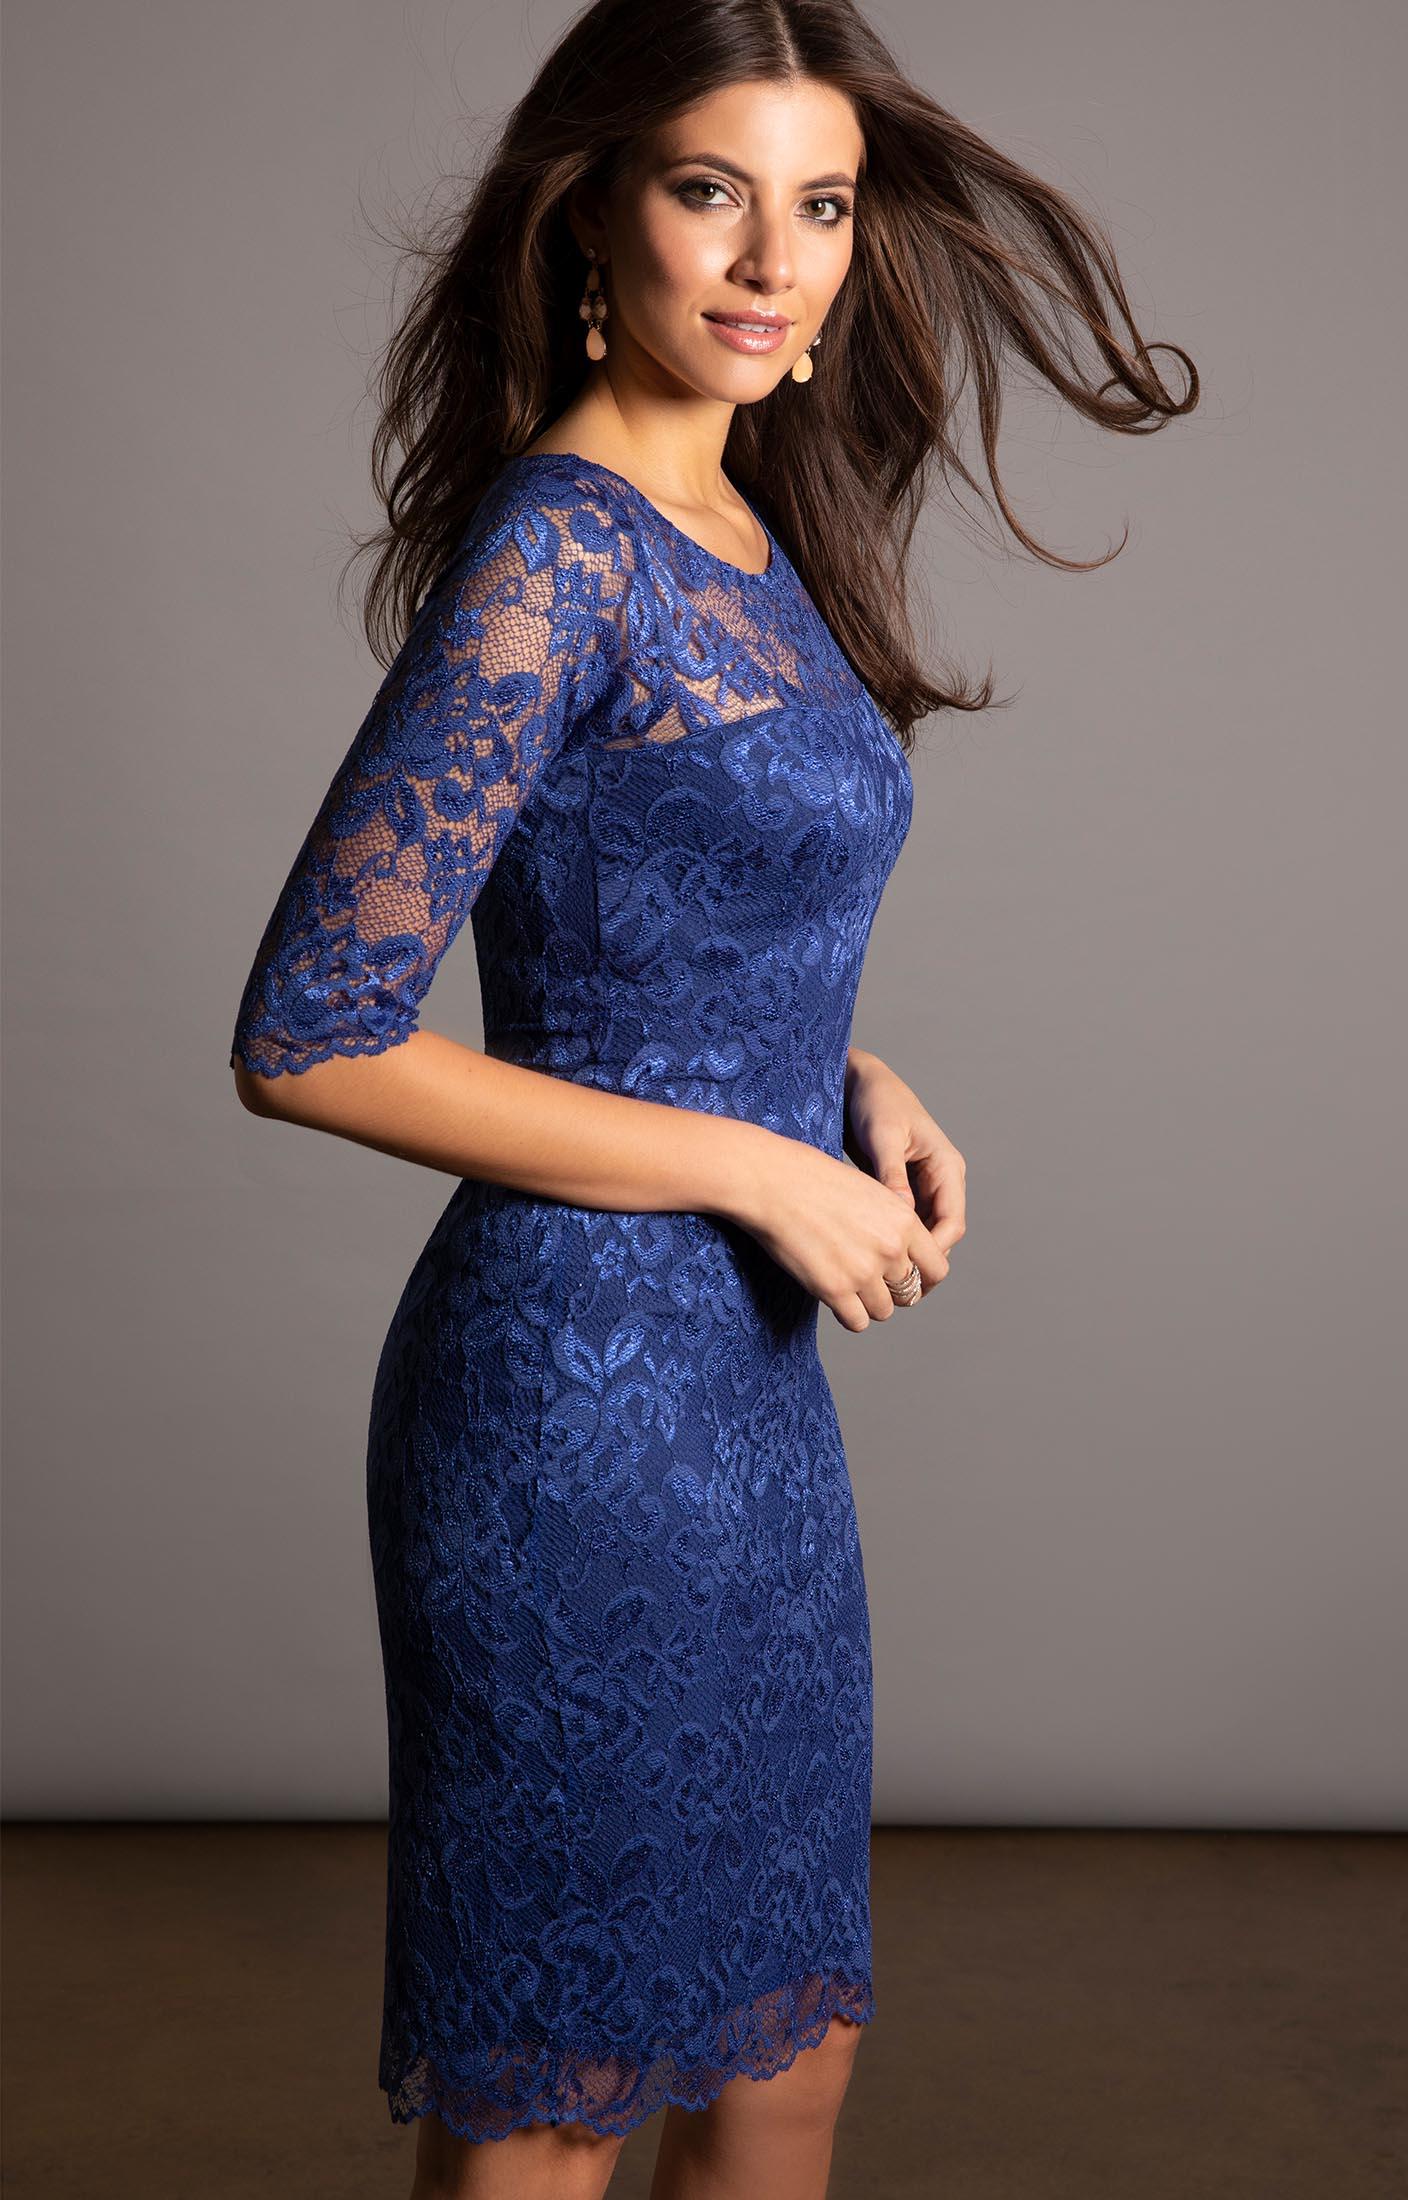 Kleid Lila Festlich Kurz Windsor Blue Hochzeitskleider Abendgarderobe Und Partykleidung By Alie Street